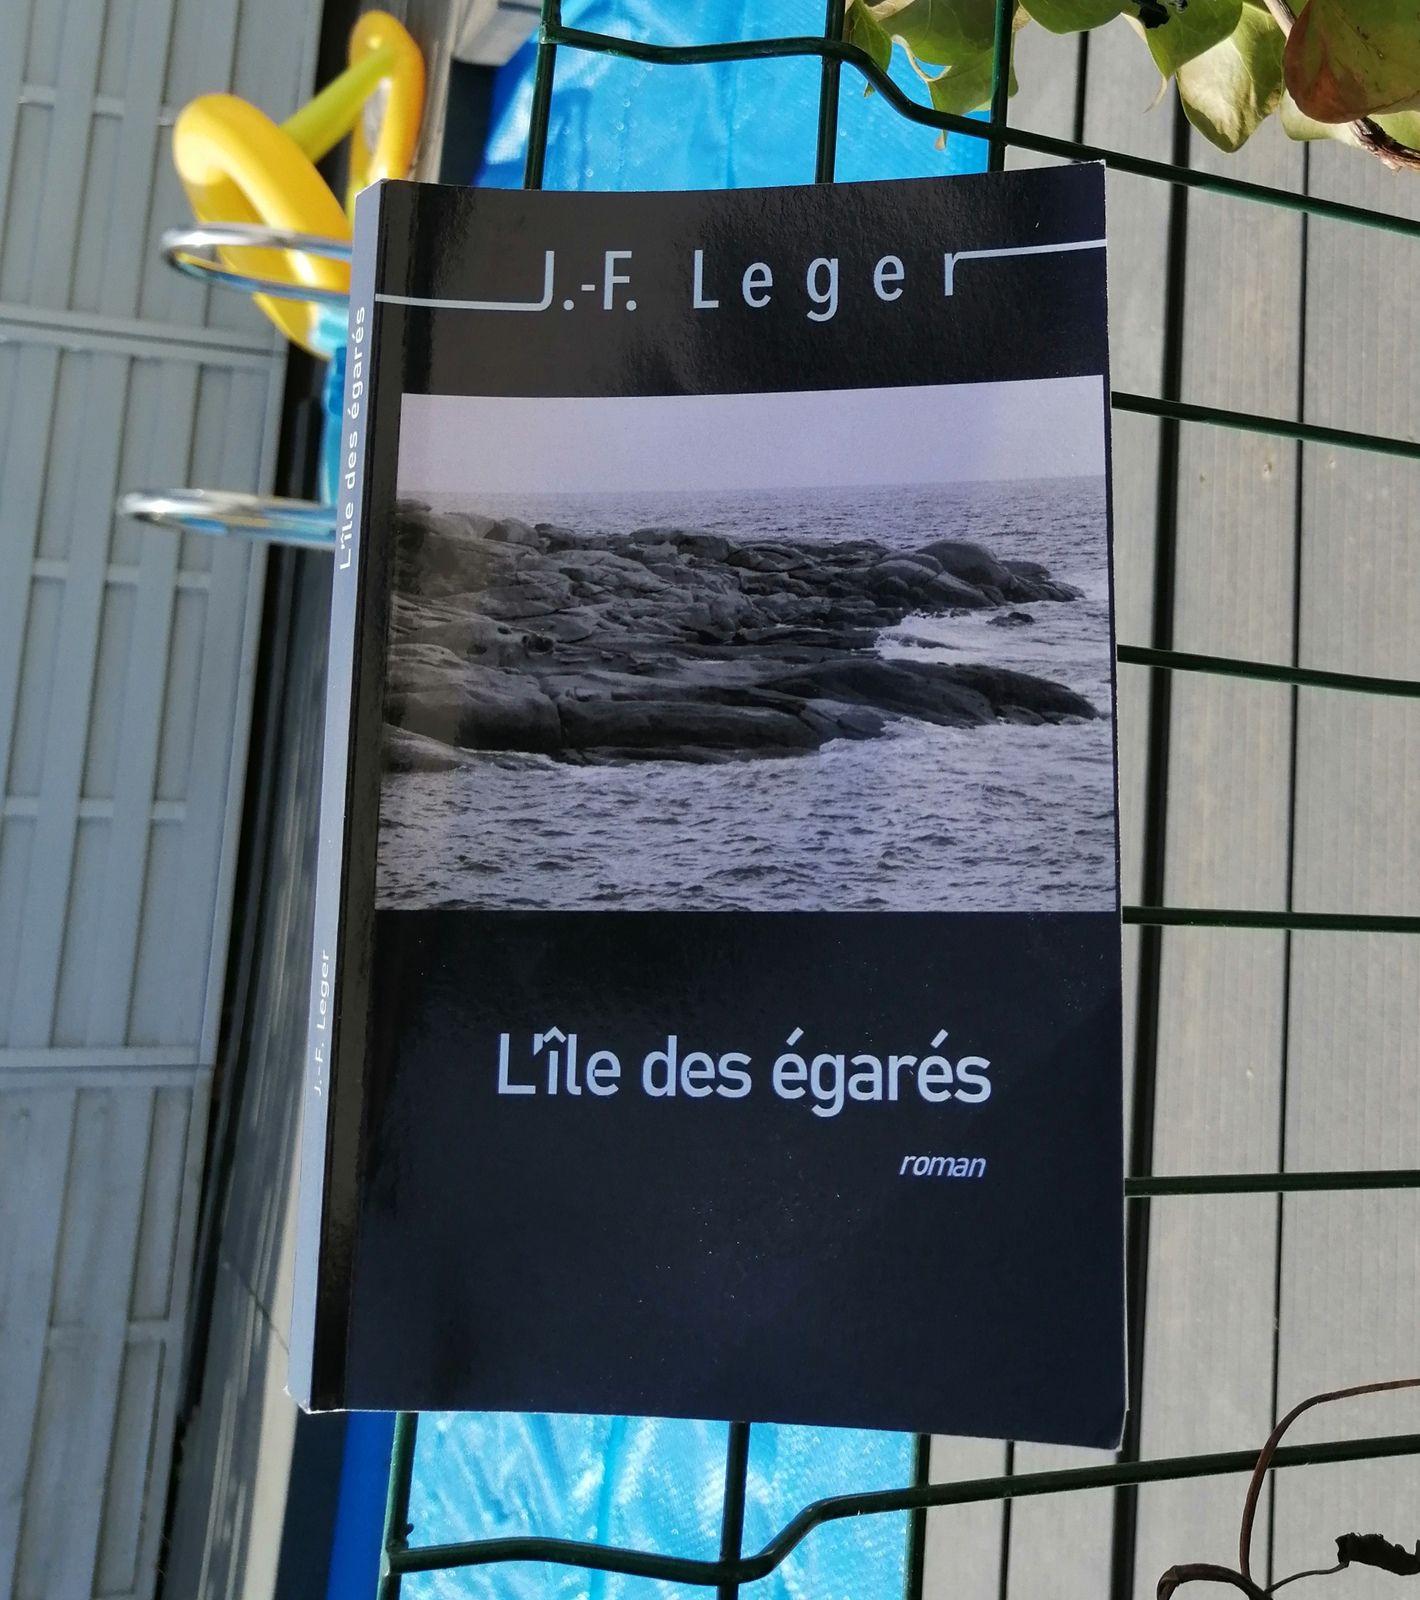 L'ILE DES EGARES de J.F LEGER